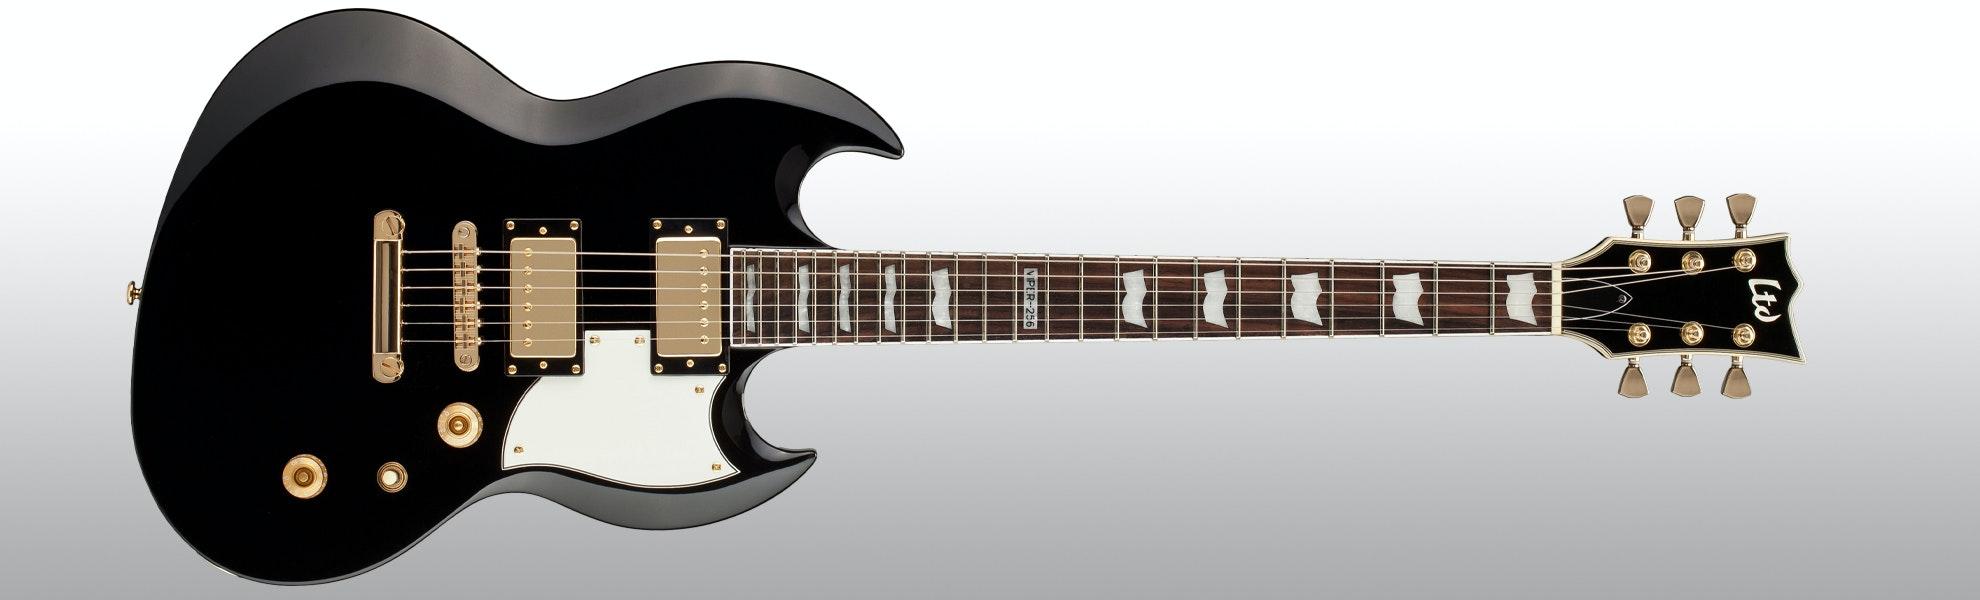 ESP LTD Viper Series B-Stock Special